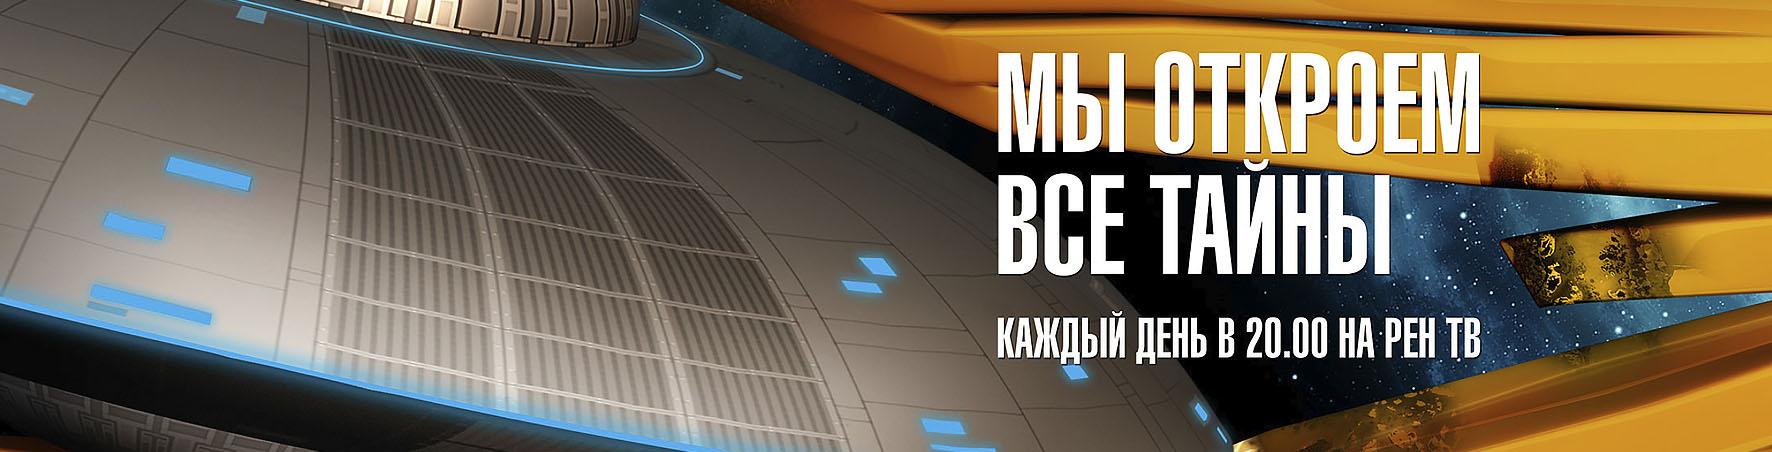 Реклама на РЕН ТВ - Пятигорск КМВ